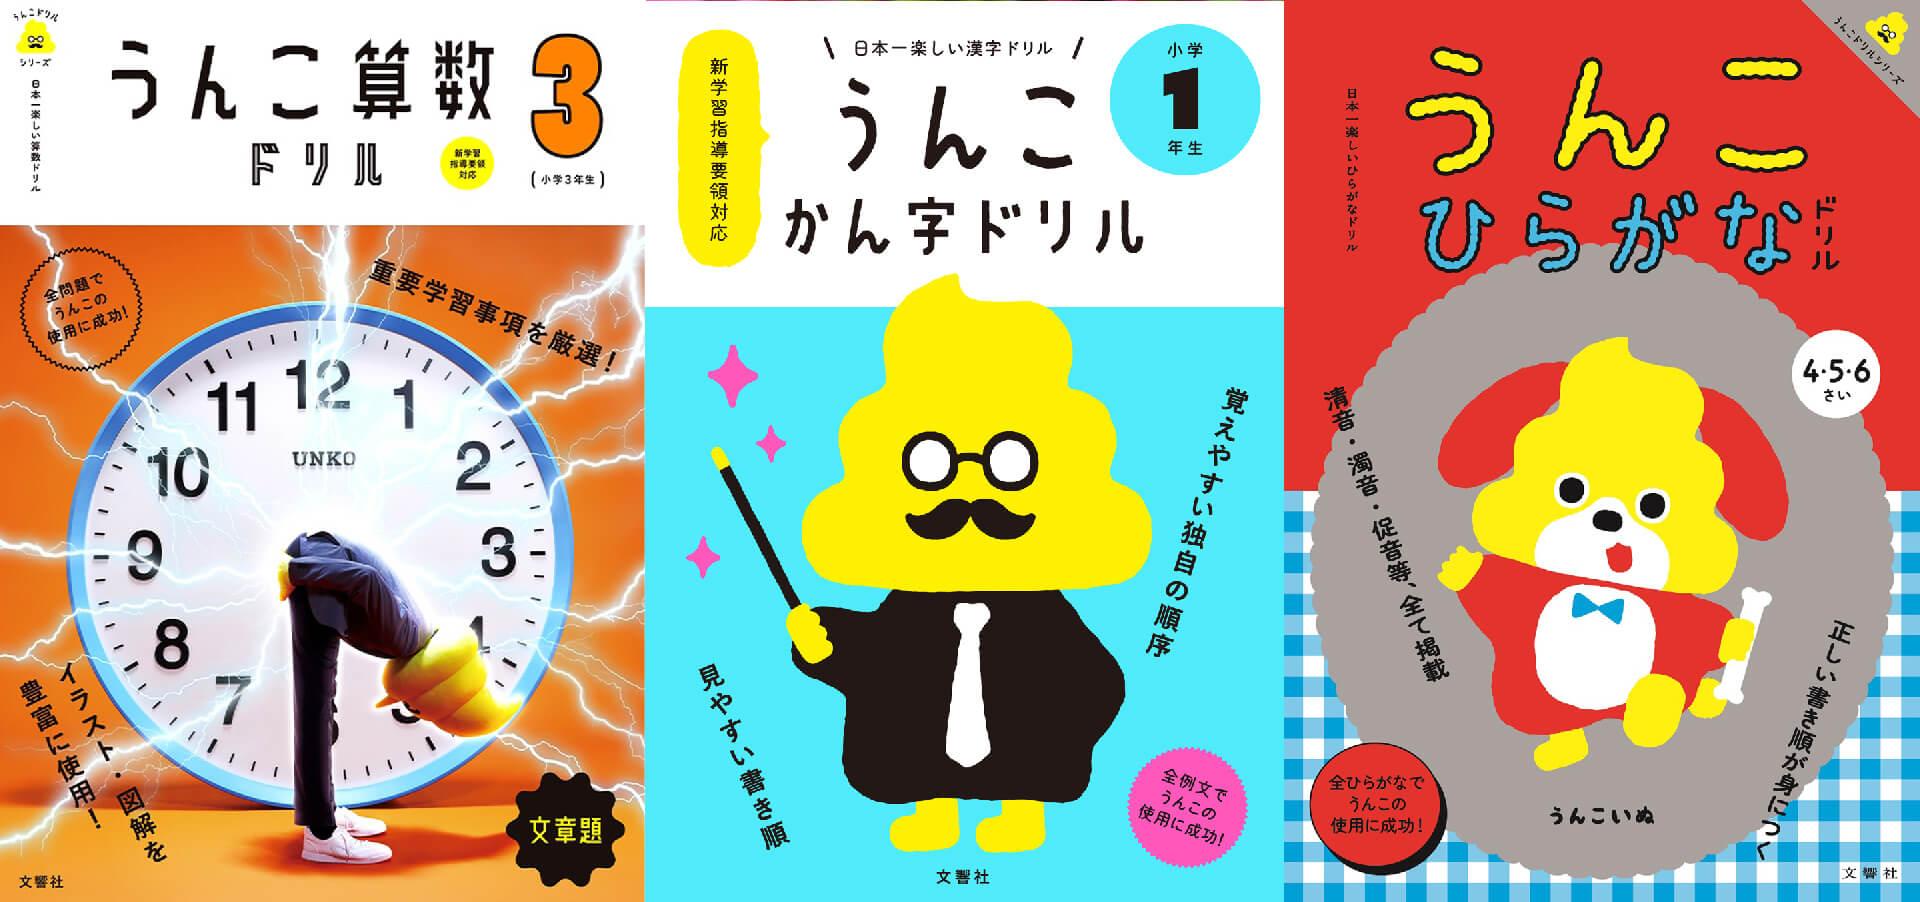 『うんこ展 うんこ学園の夏合宿 ㏌ 池袋』のベースとなった馬鹿売れのうんこドリルの本の表1です